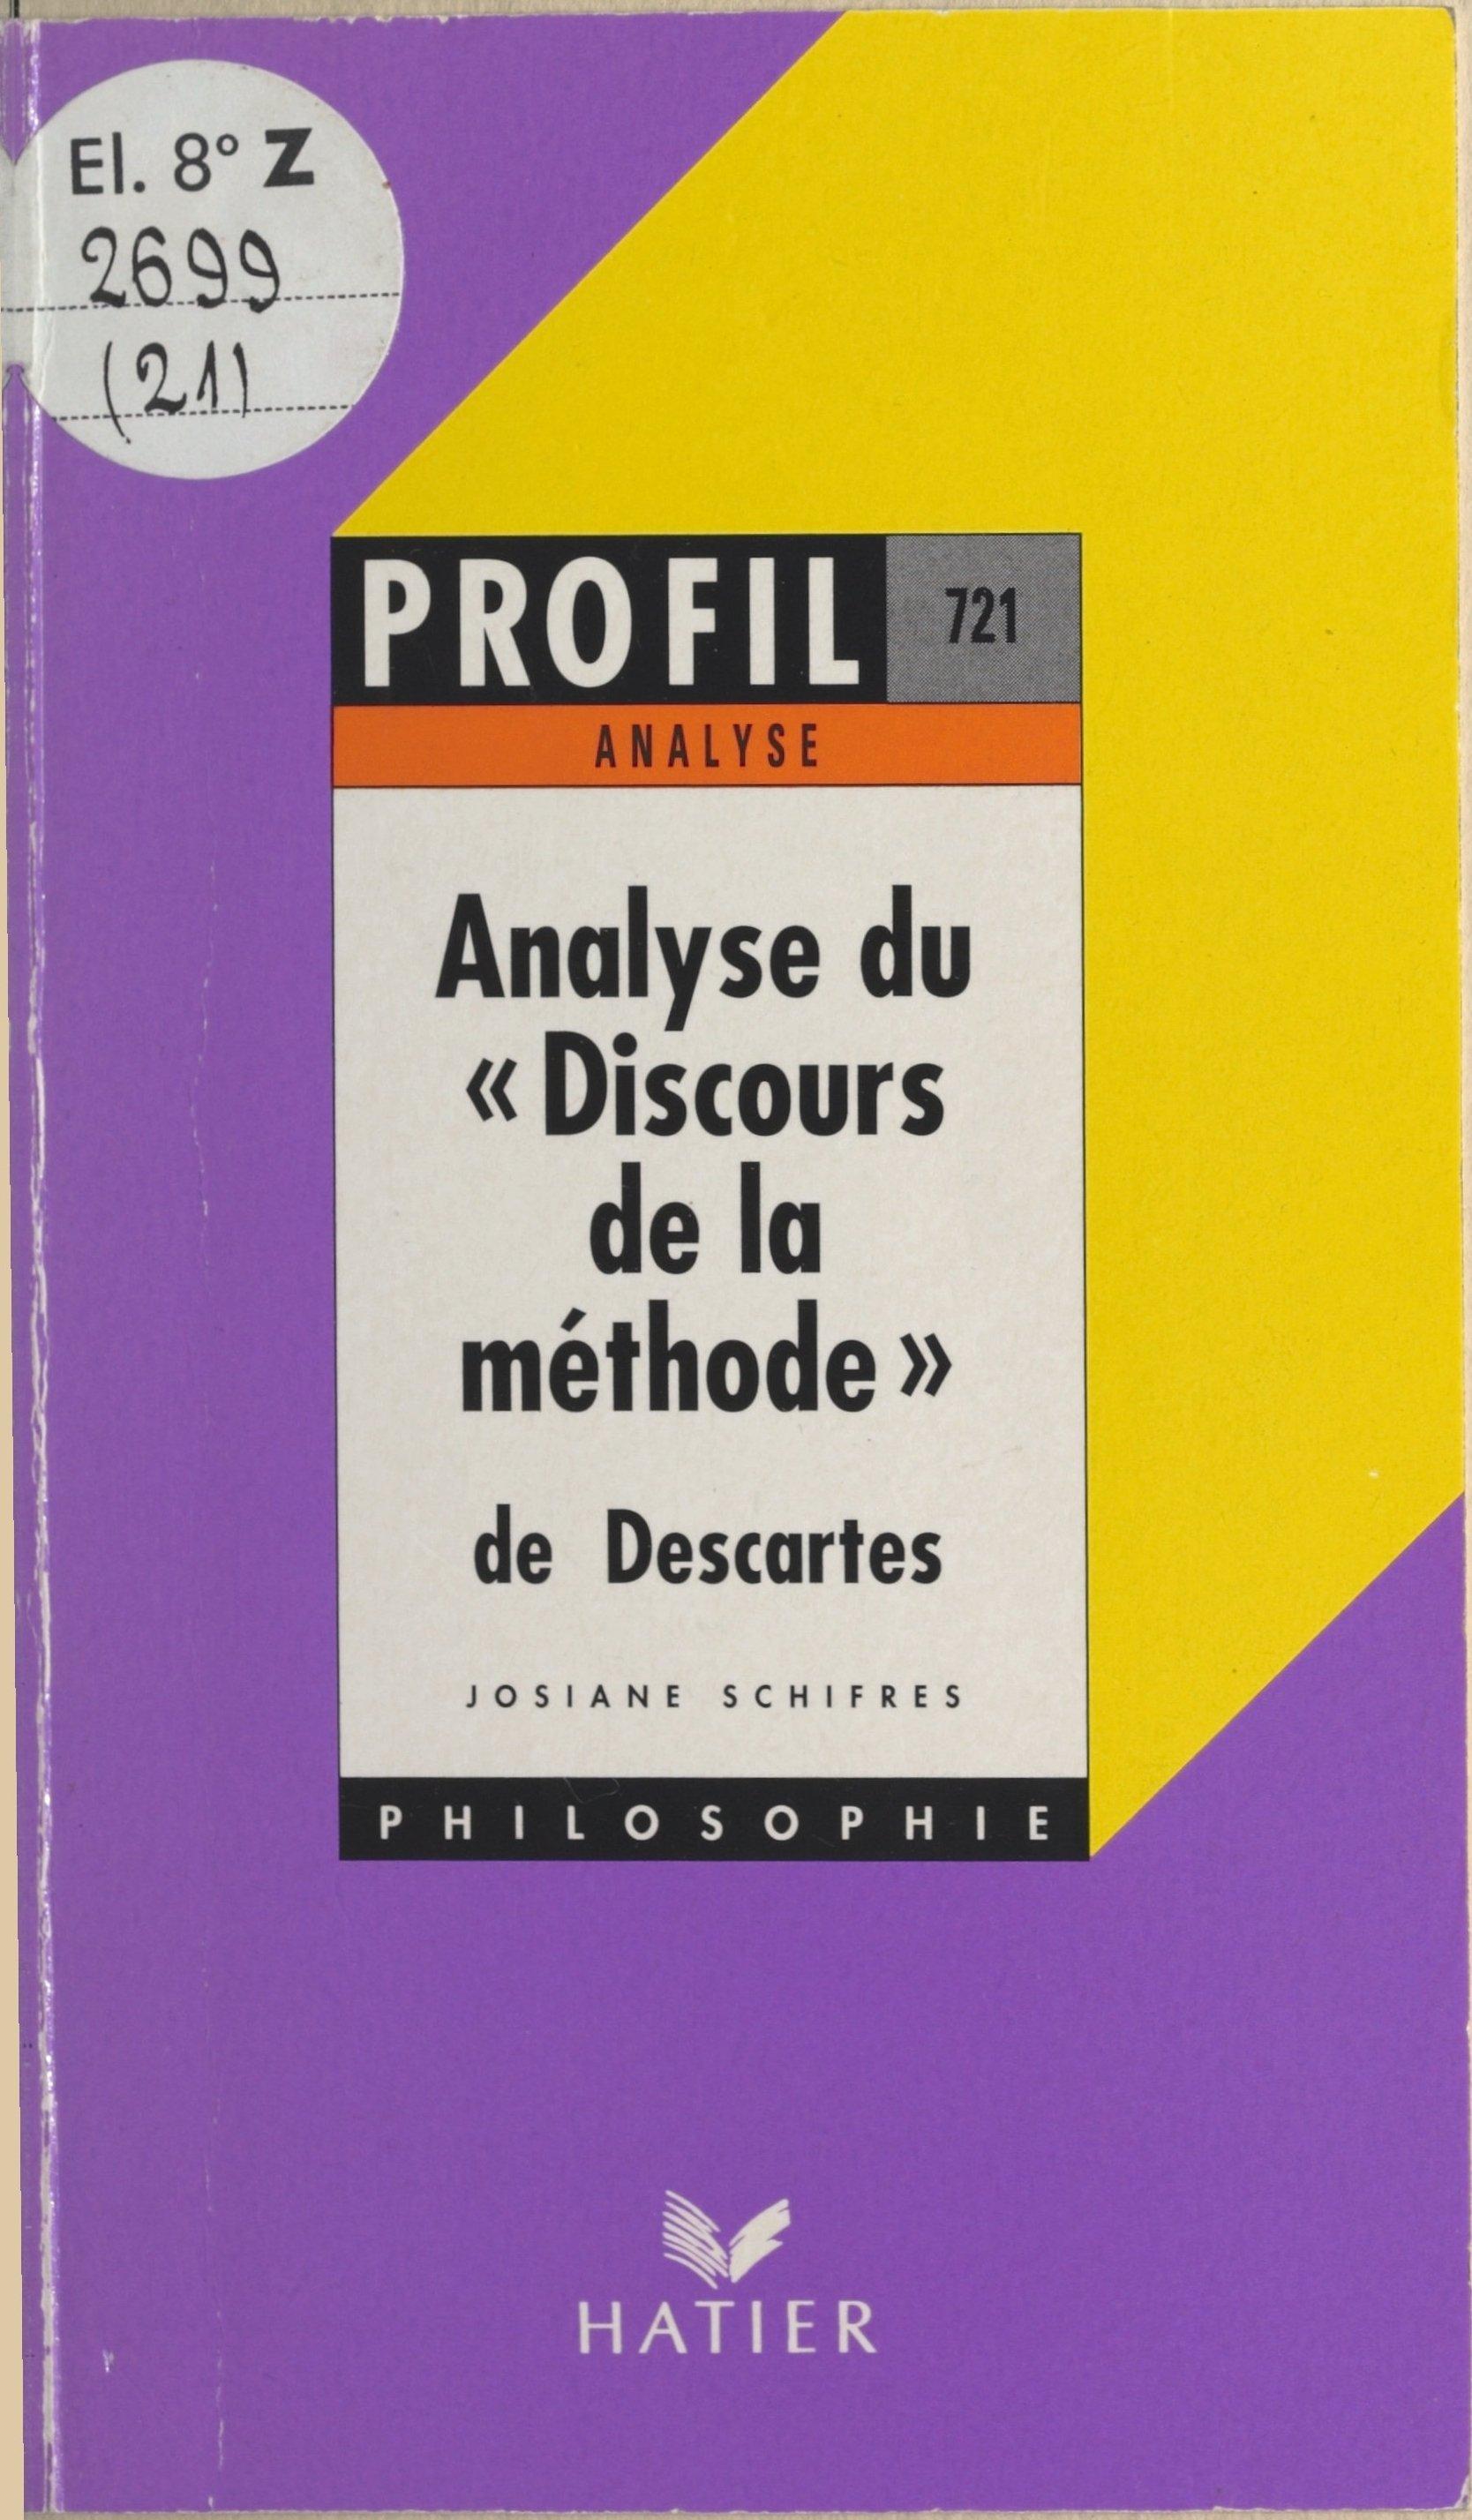 Discours de la méthode, 163...